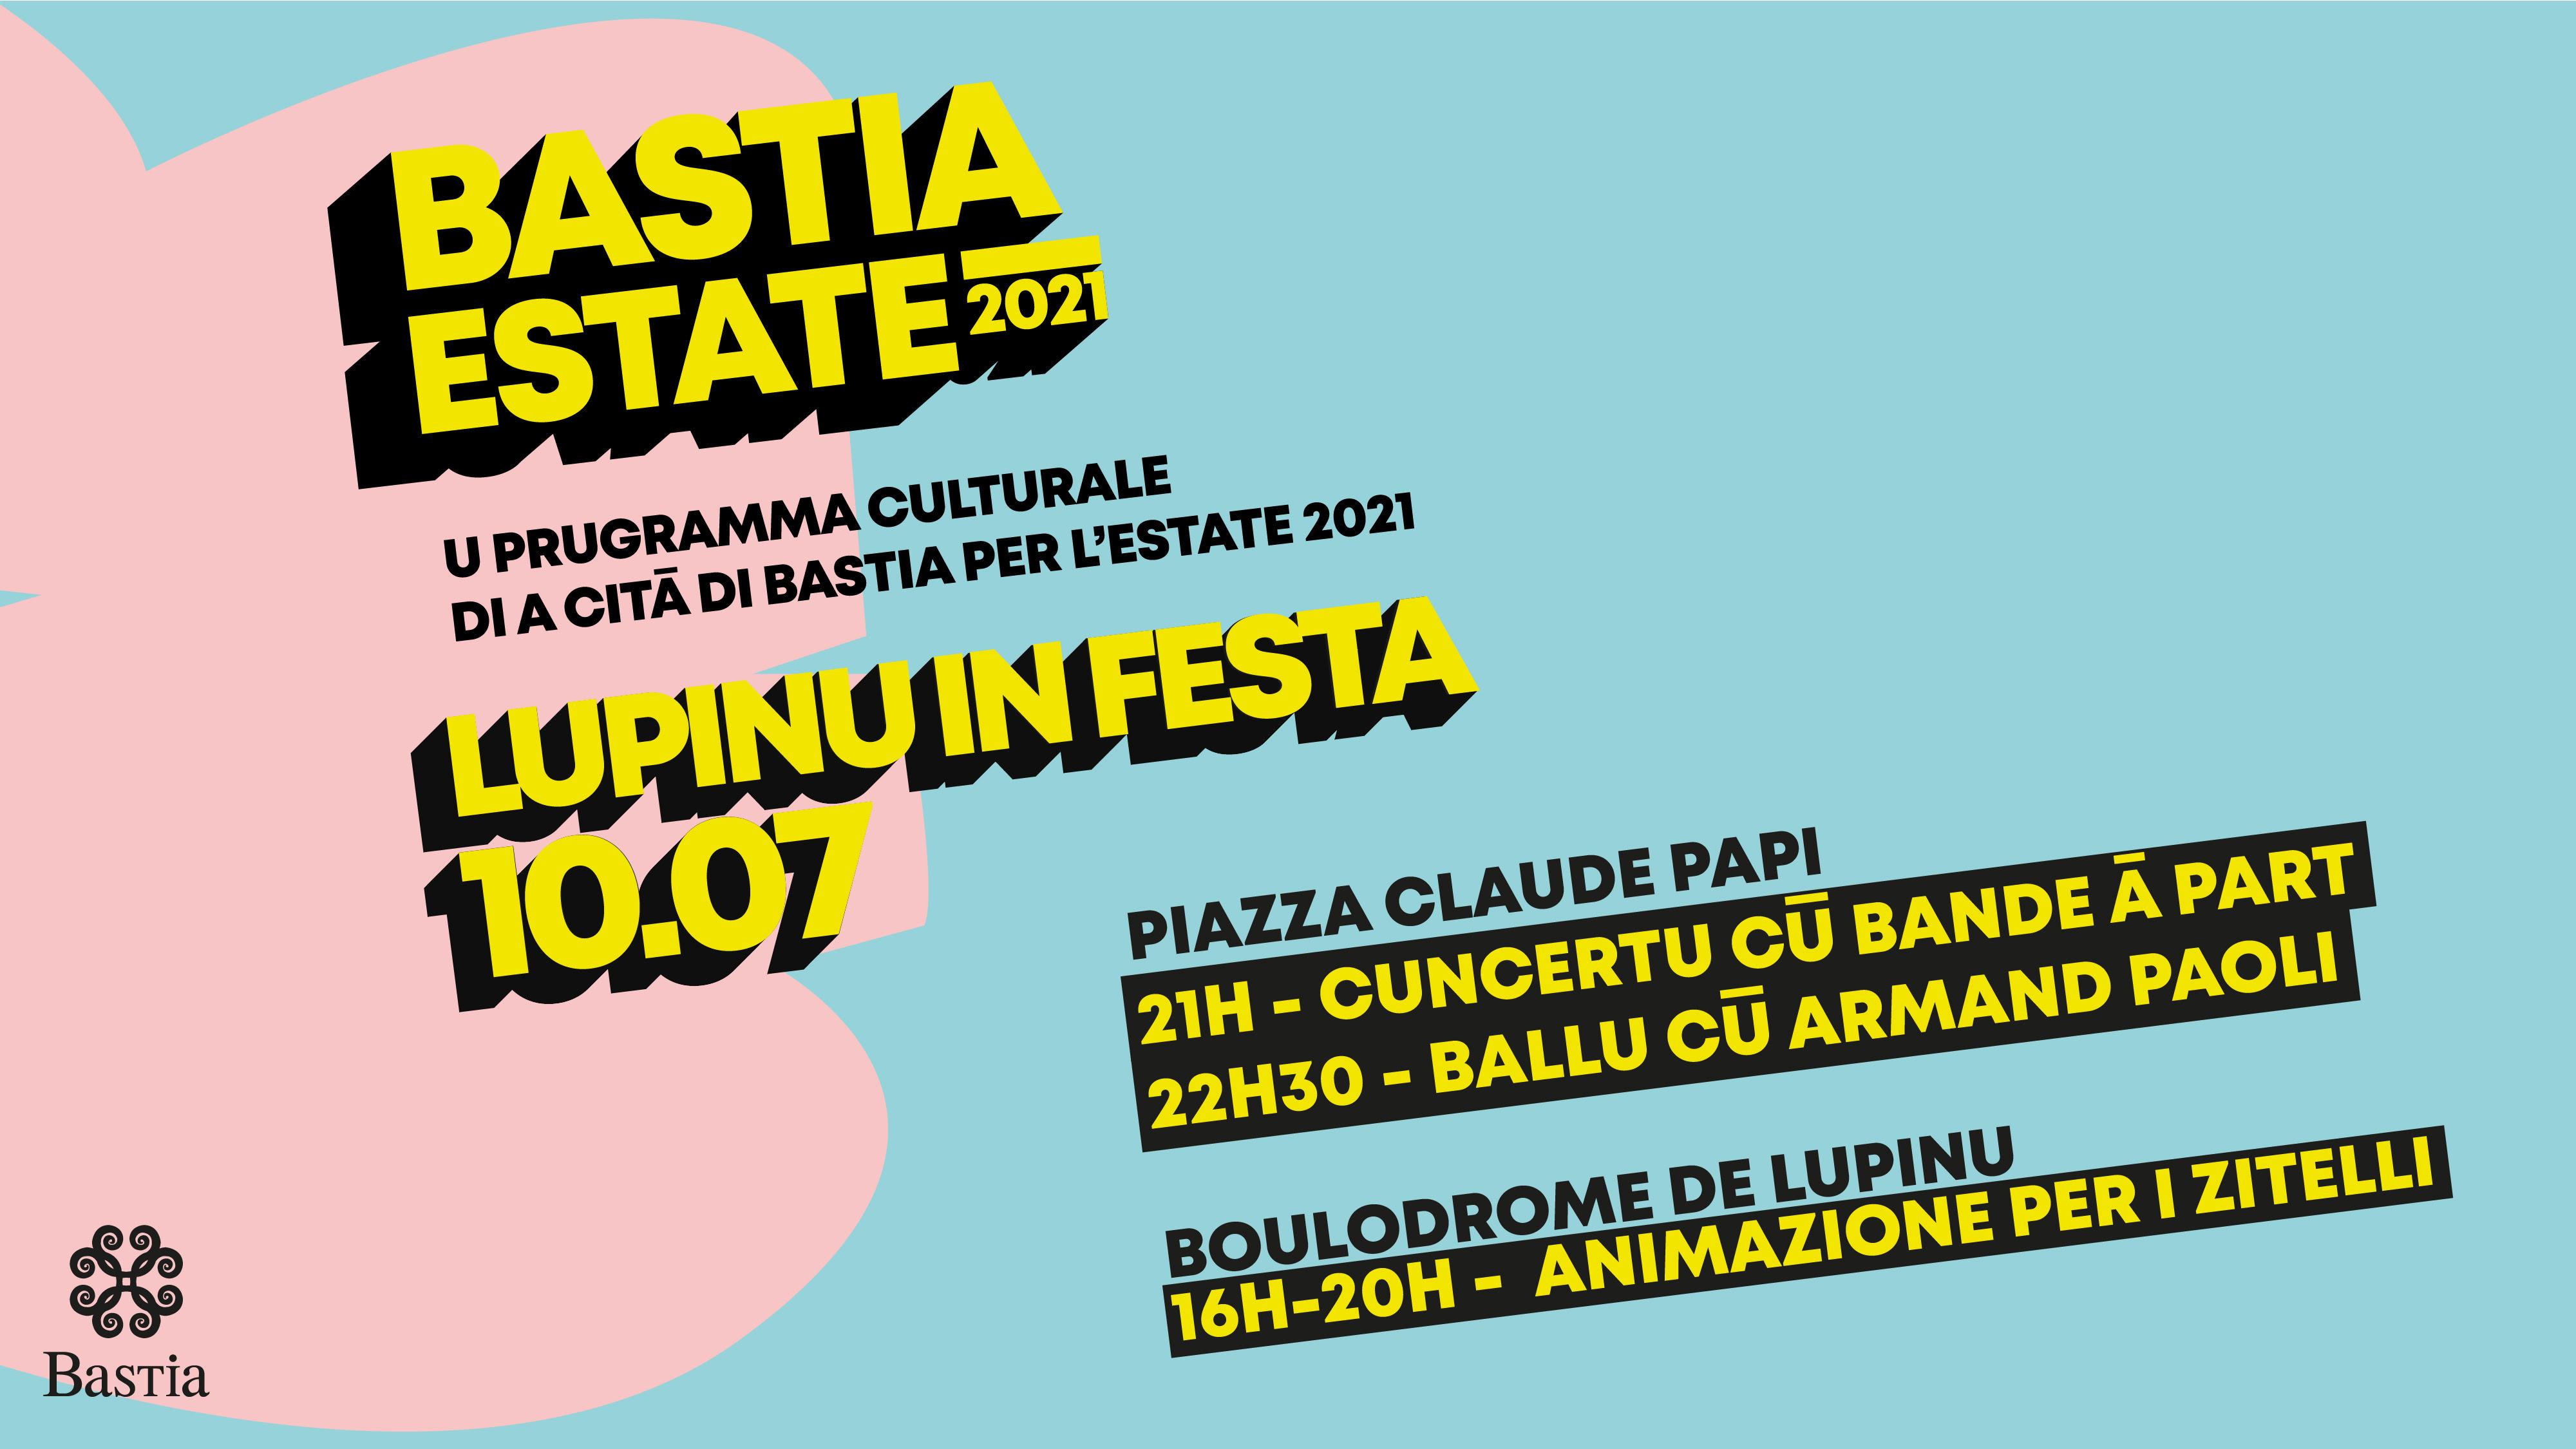 Bastia : ce samedi Lupinu sera in festa !